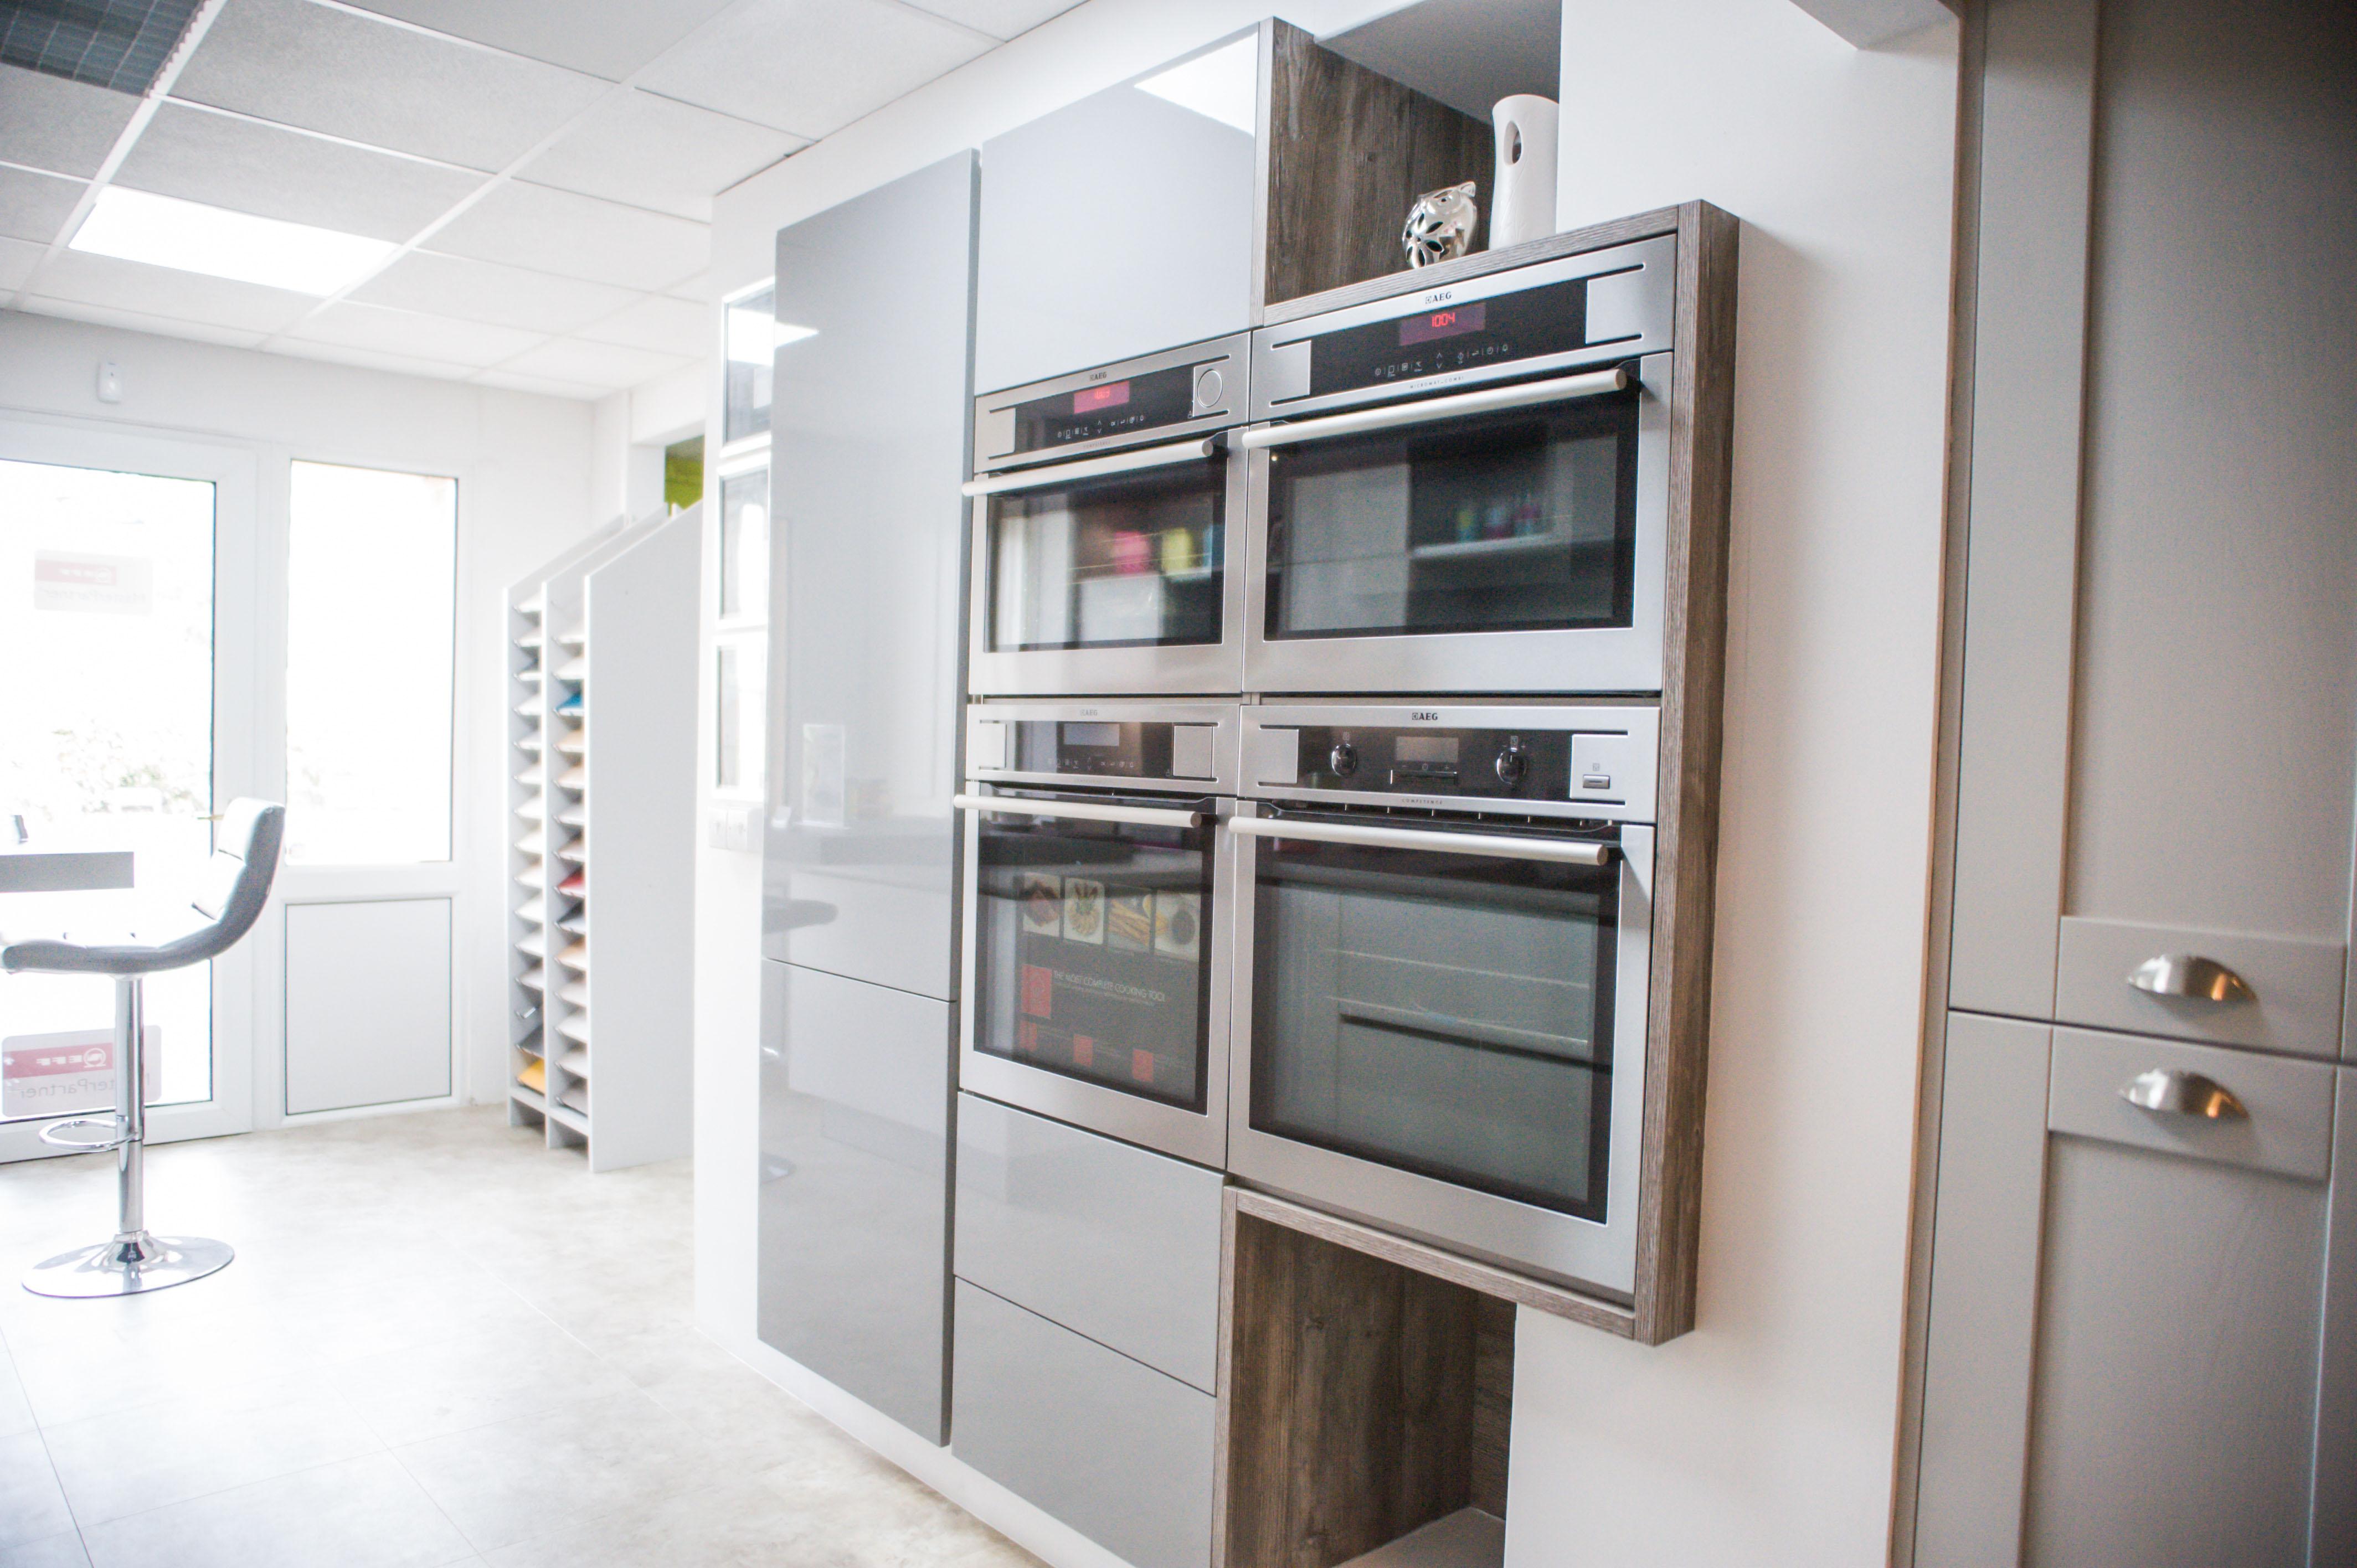 Showroom - AEG ovens